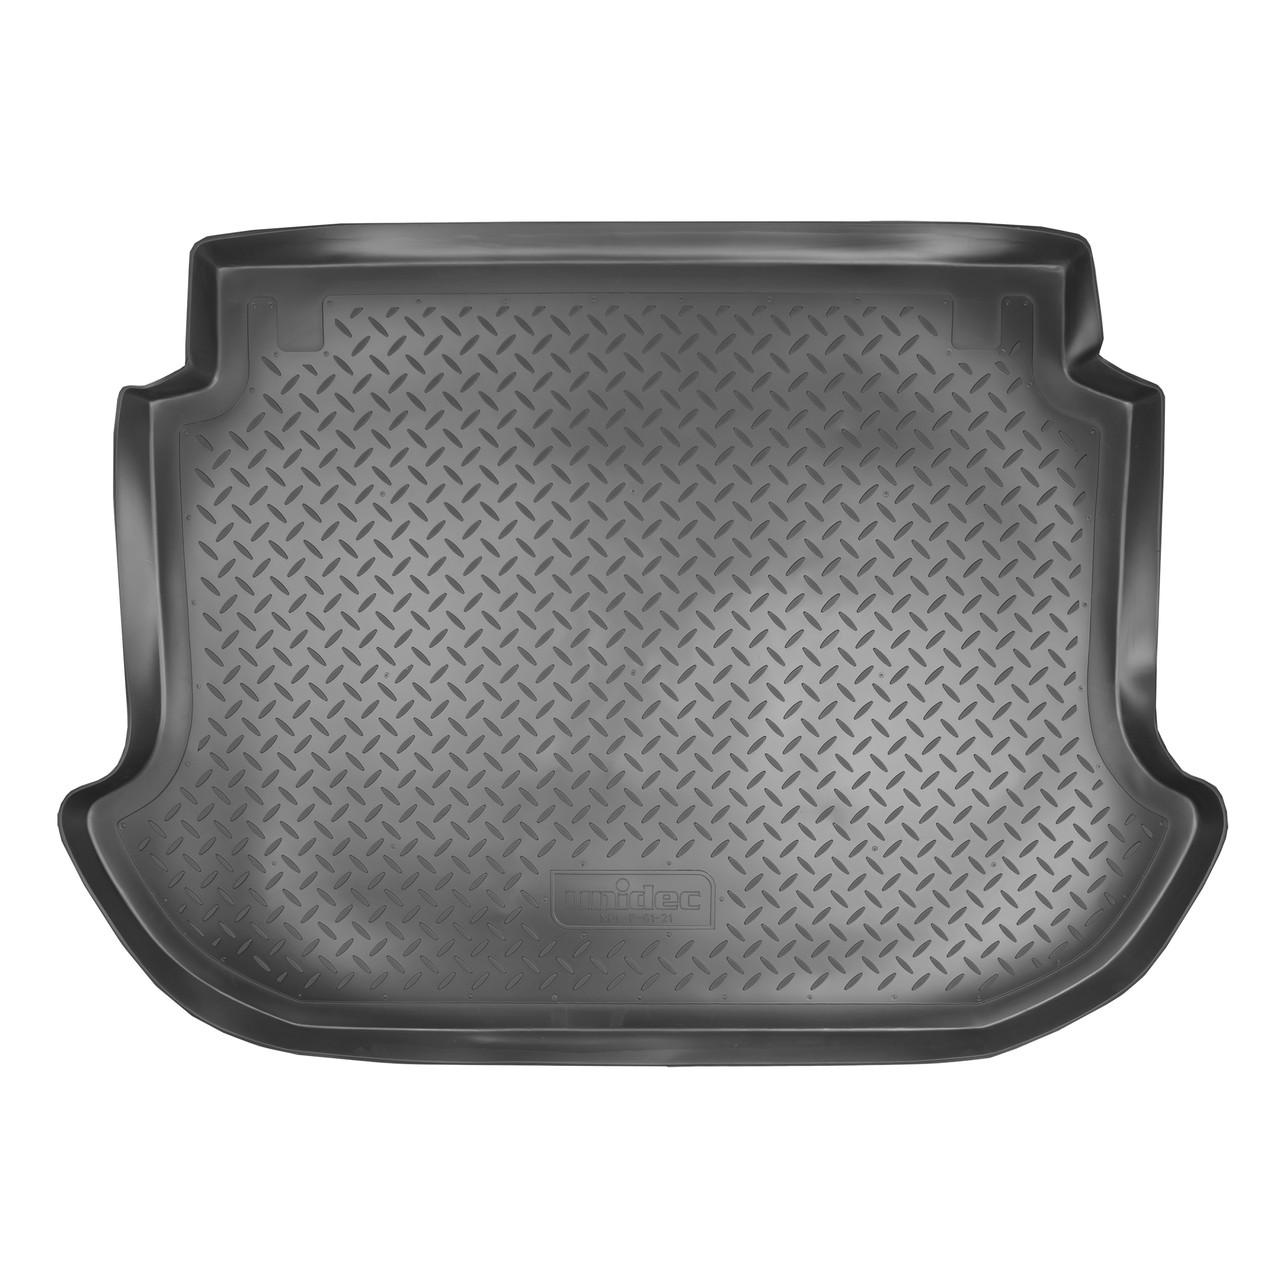 Коврик в багажник Nissan Murano (2003-2009)